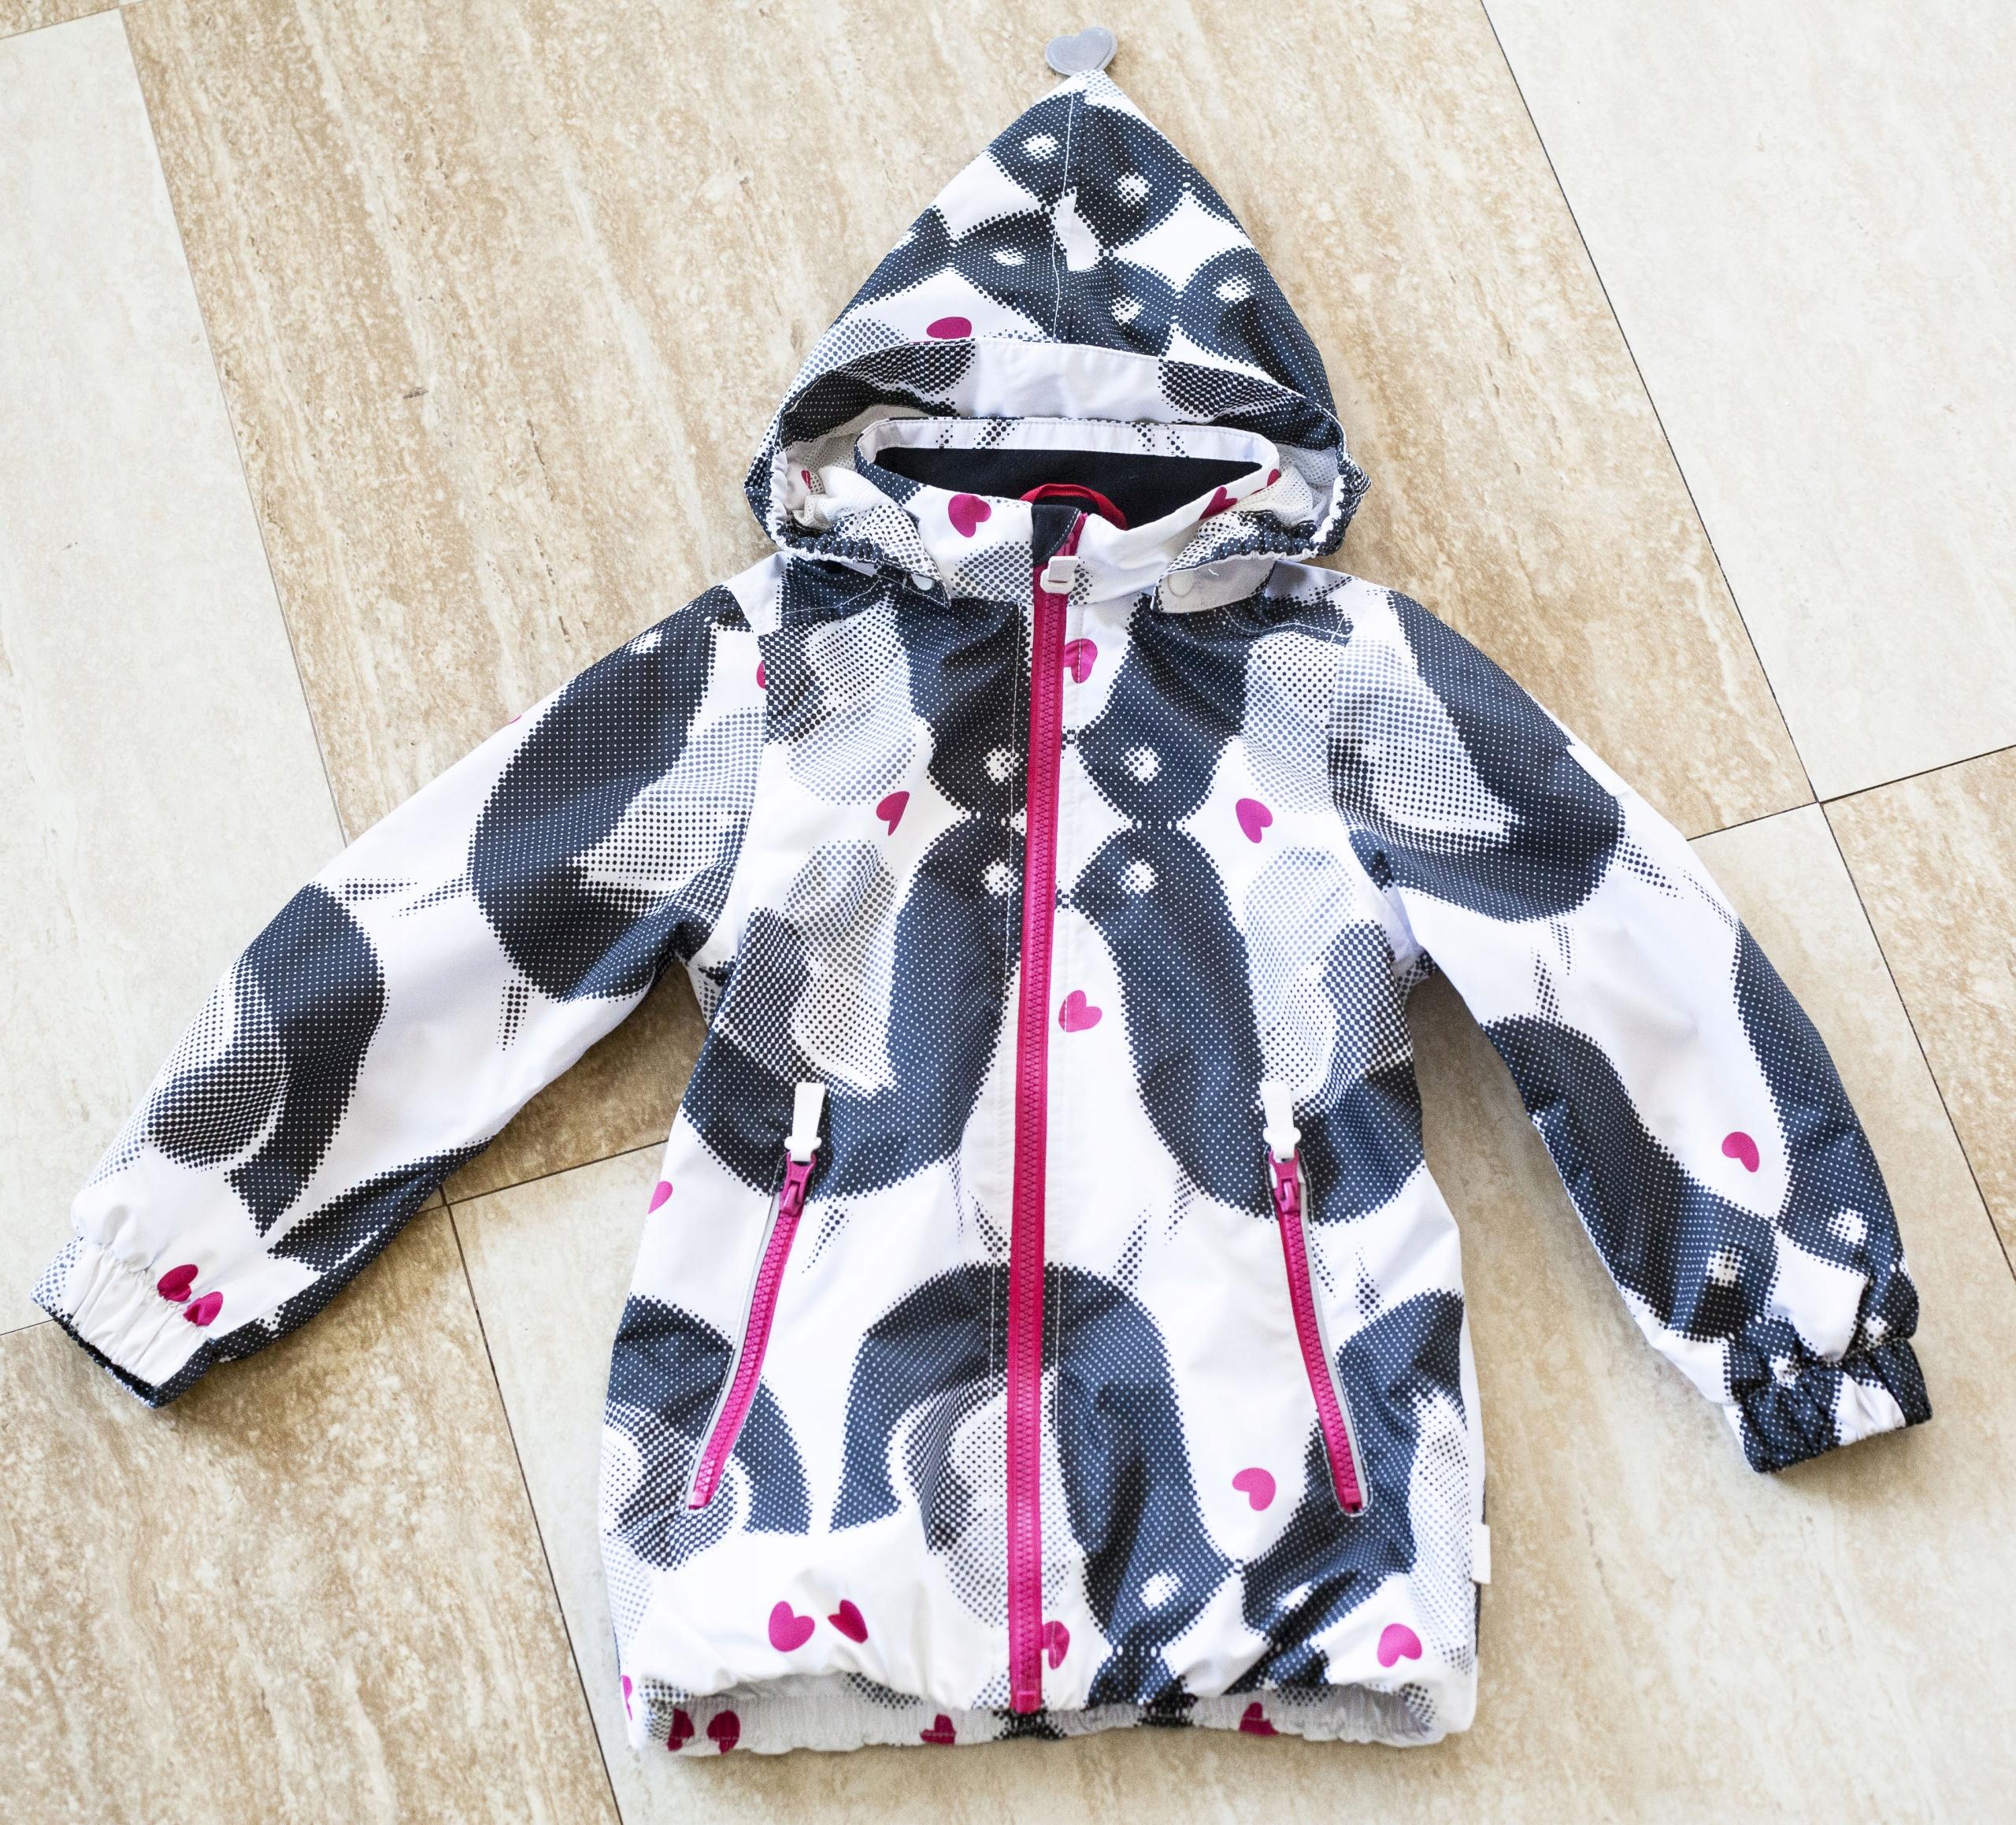 kurtka przejściowa Reima Hetki 110 dla dziewczynki